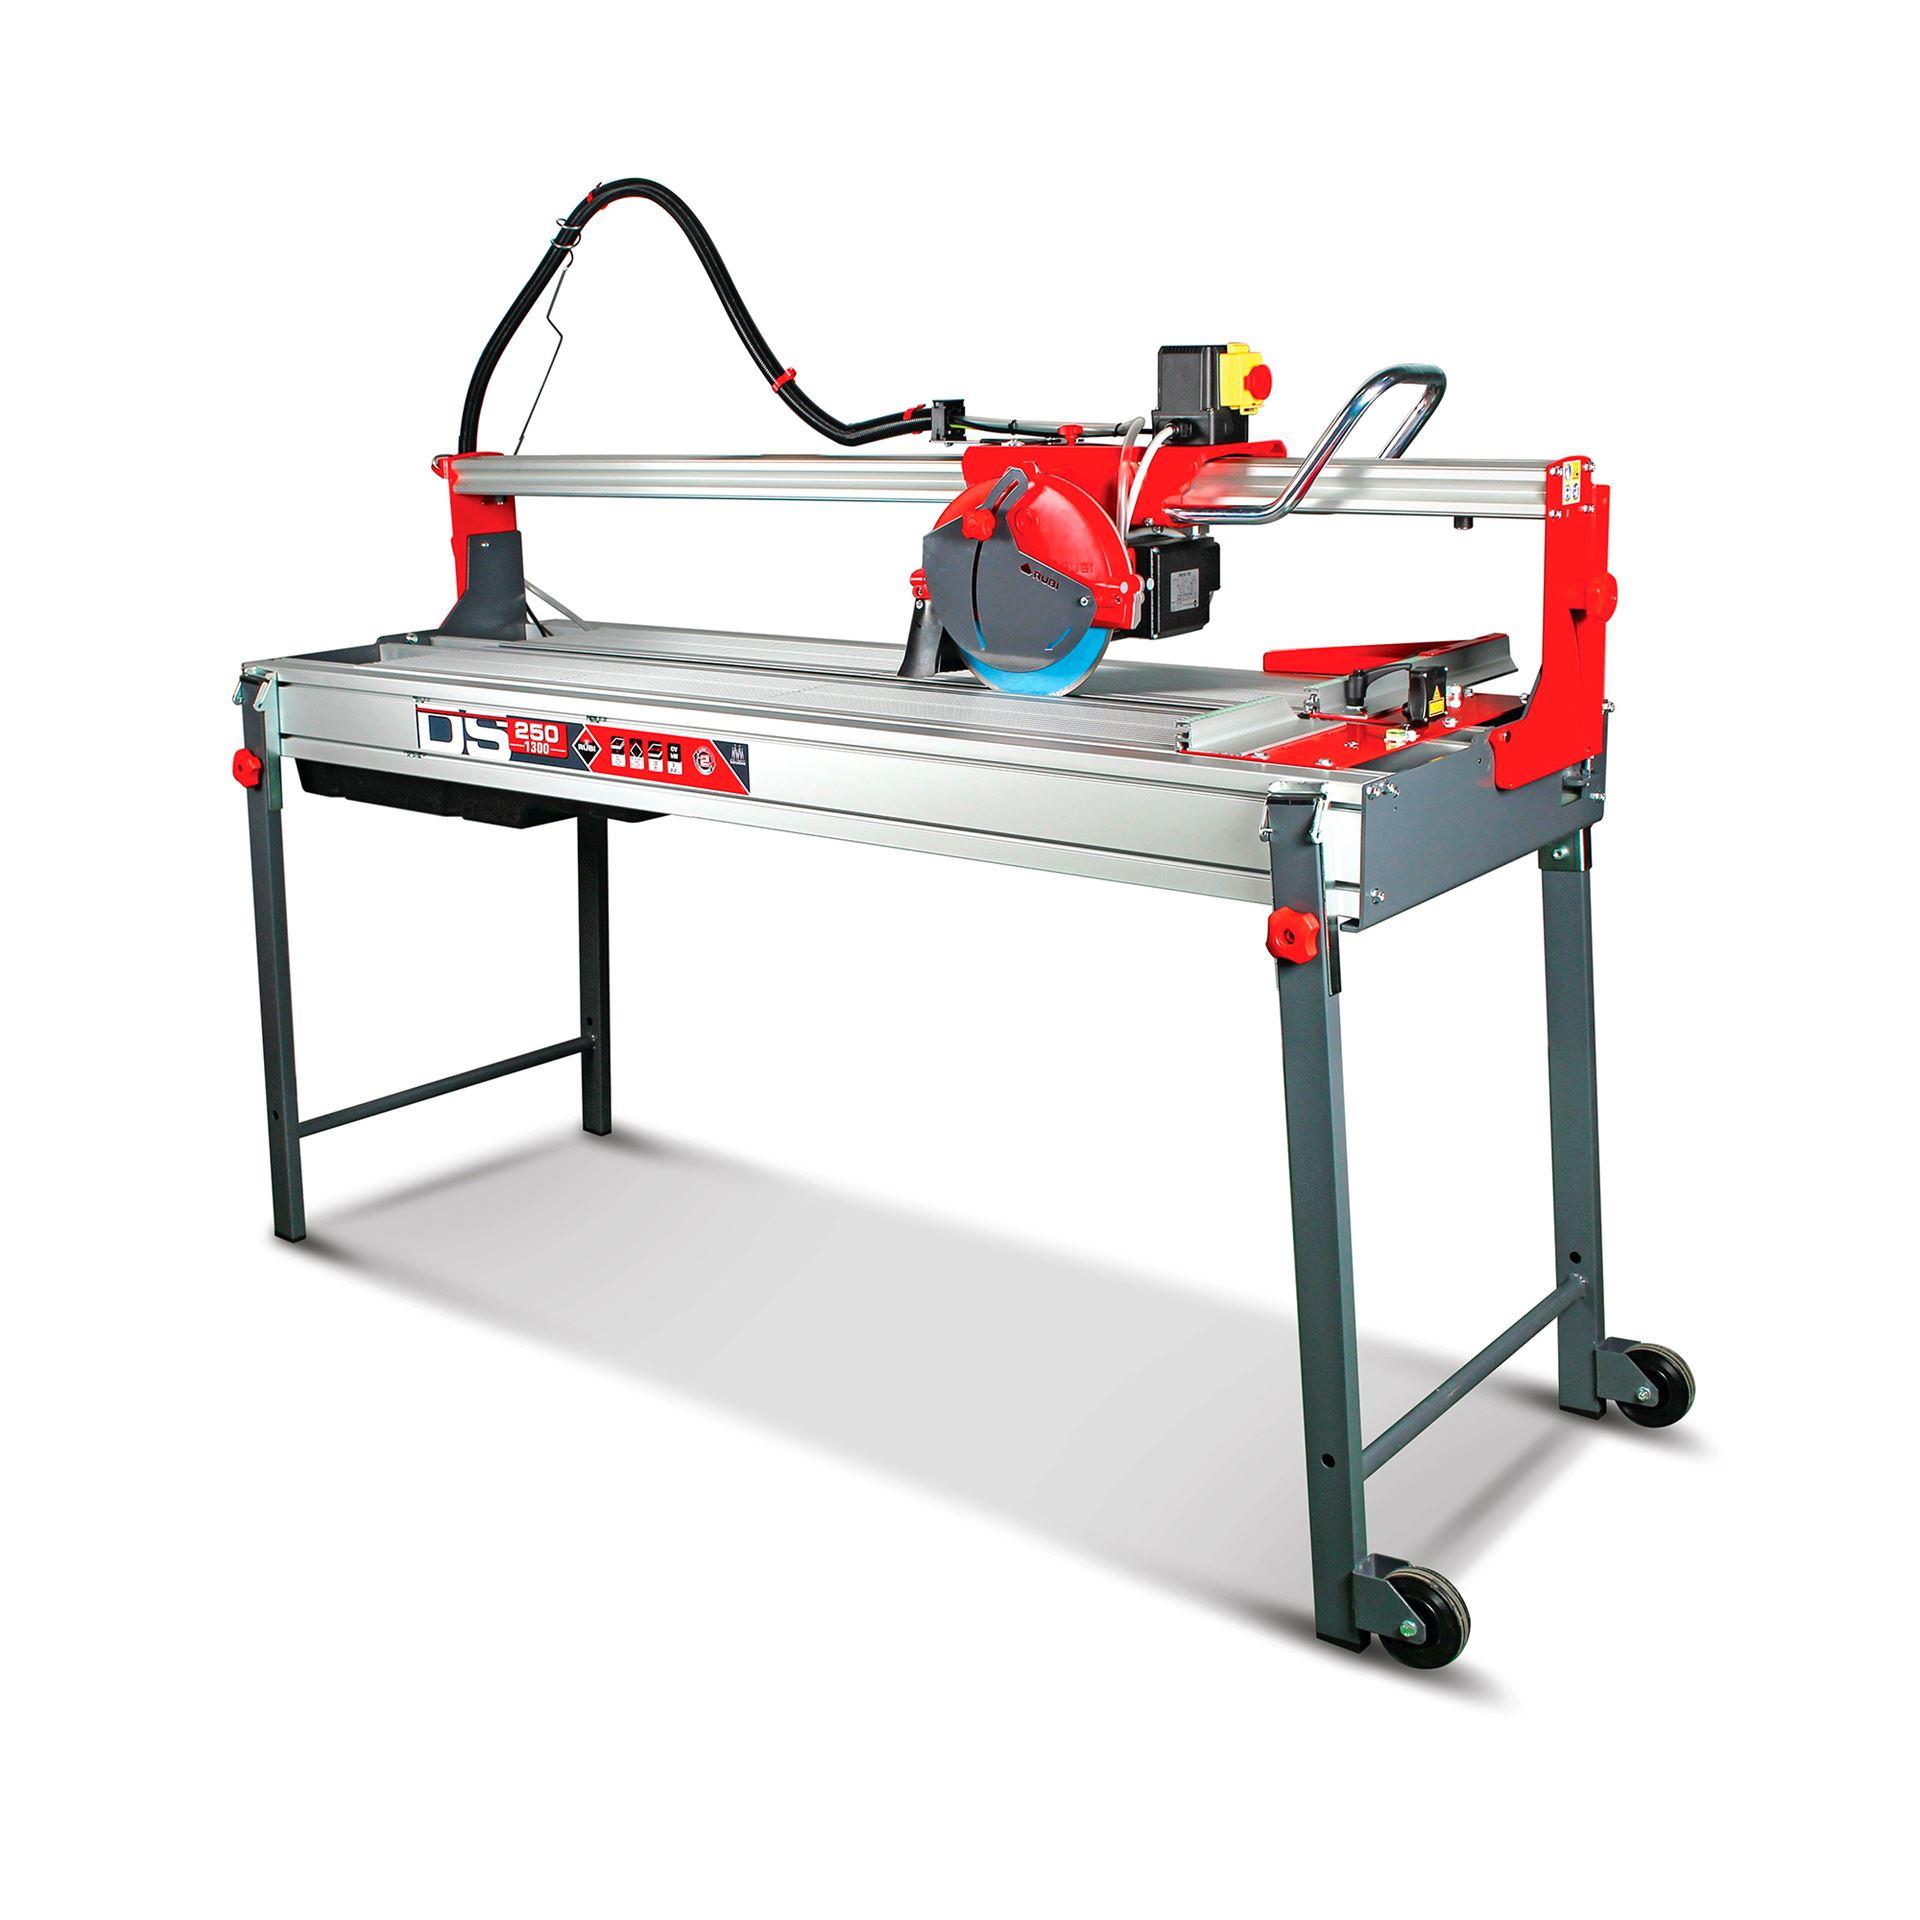 Imagen de Cortadora eléctrica Rubí DS-250-N Laser&Level